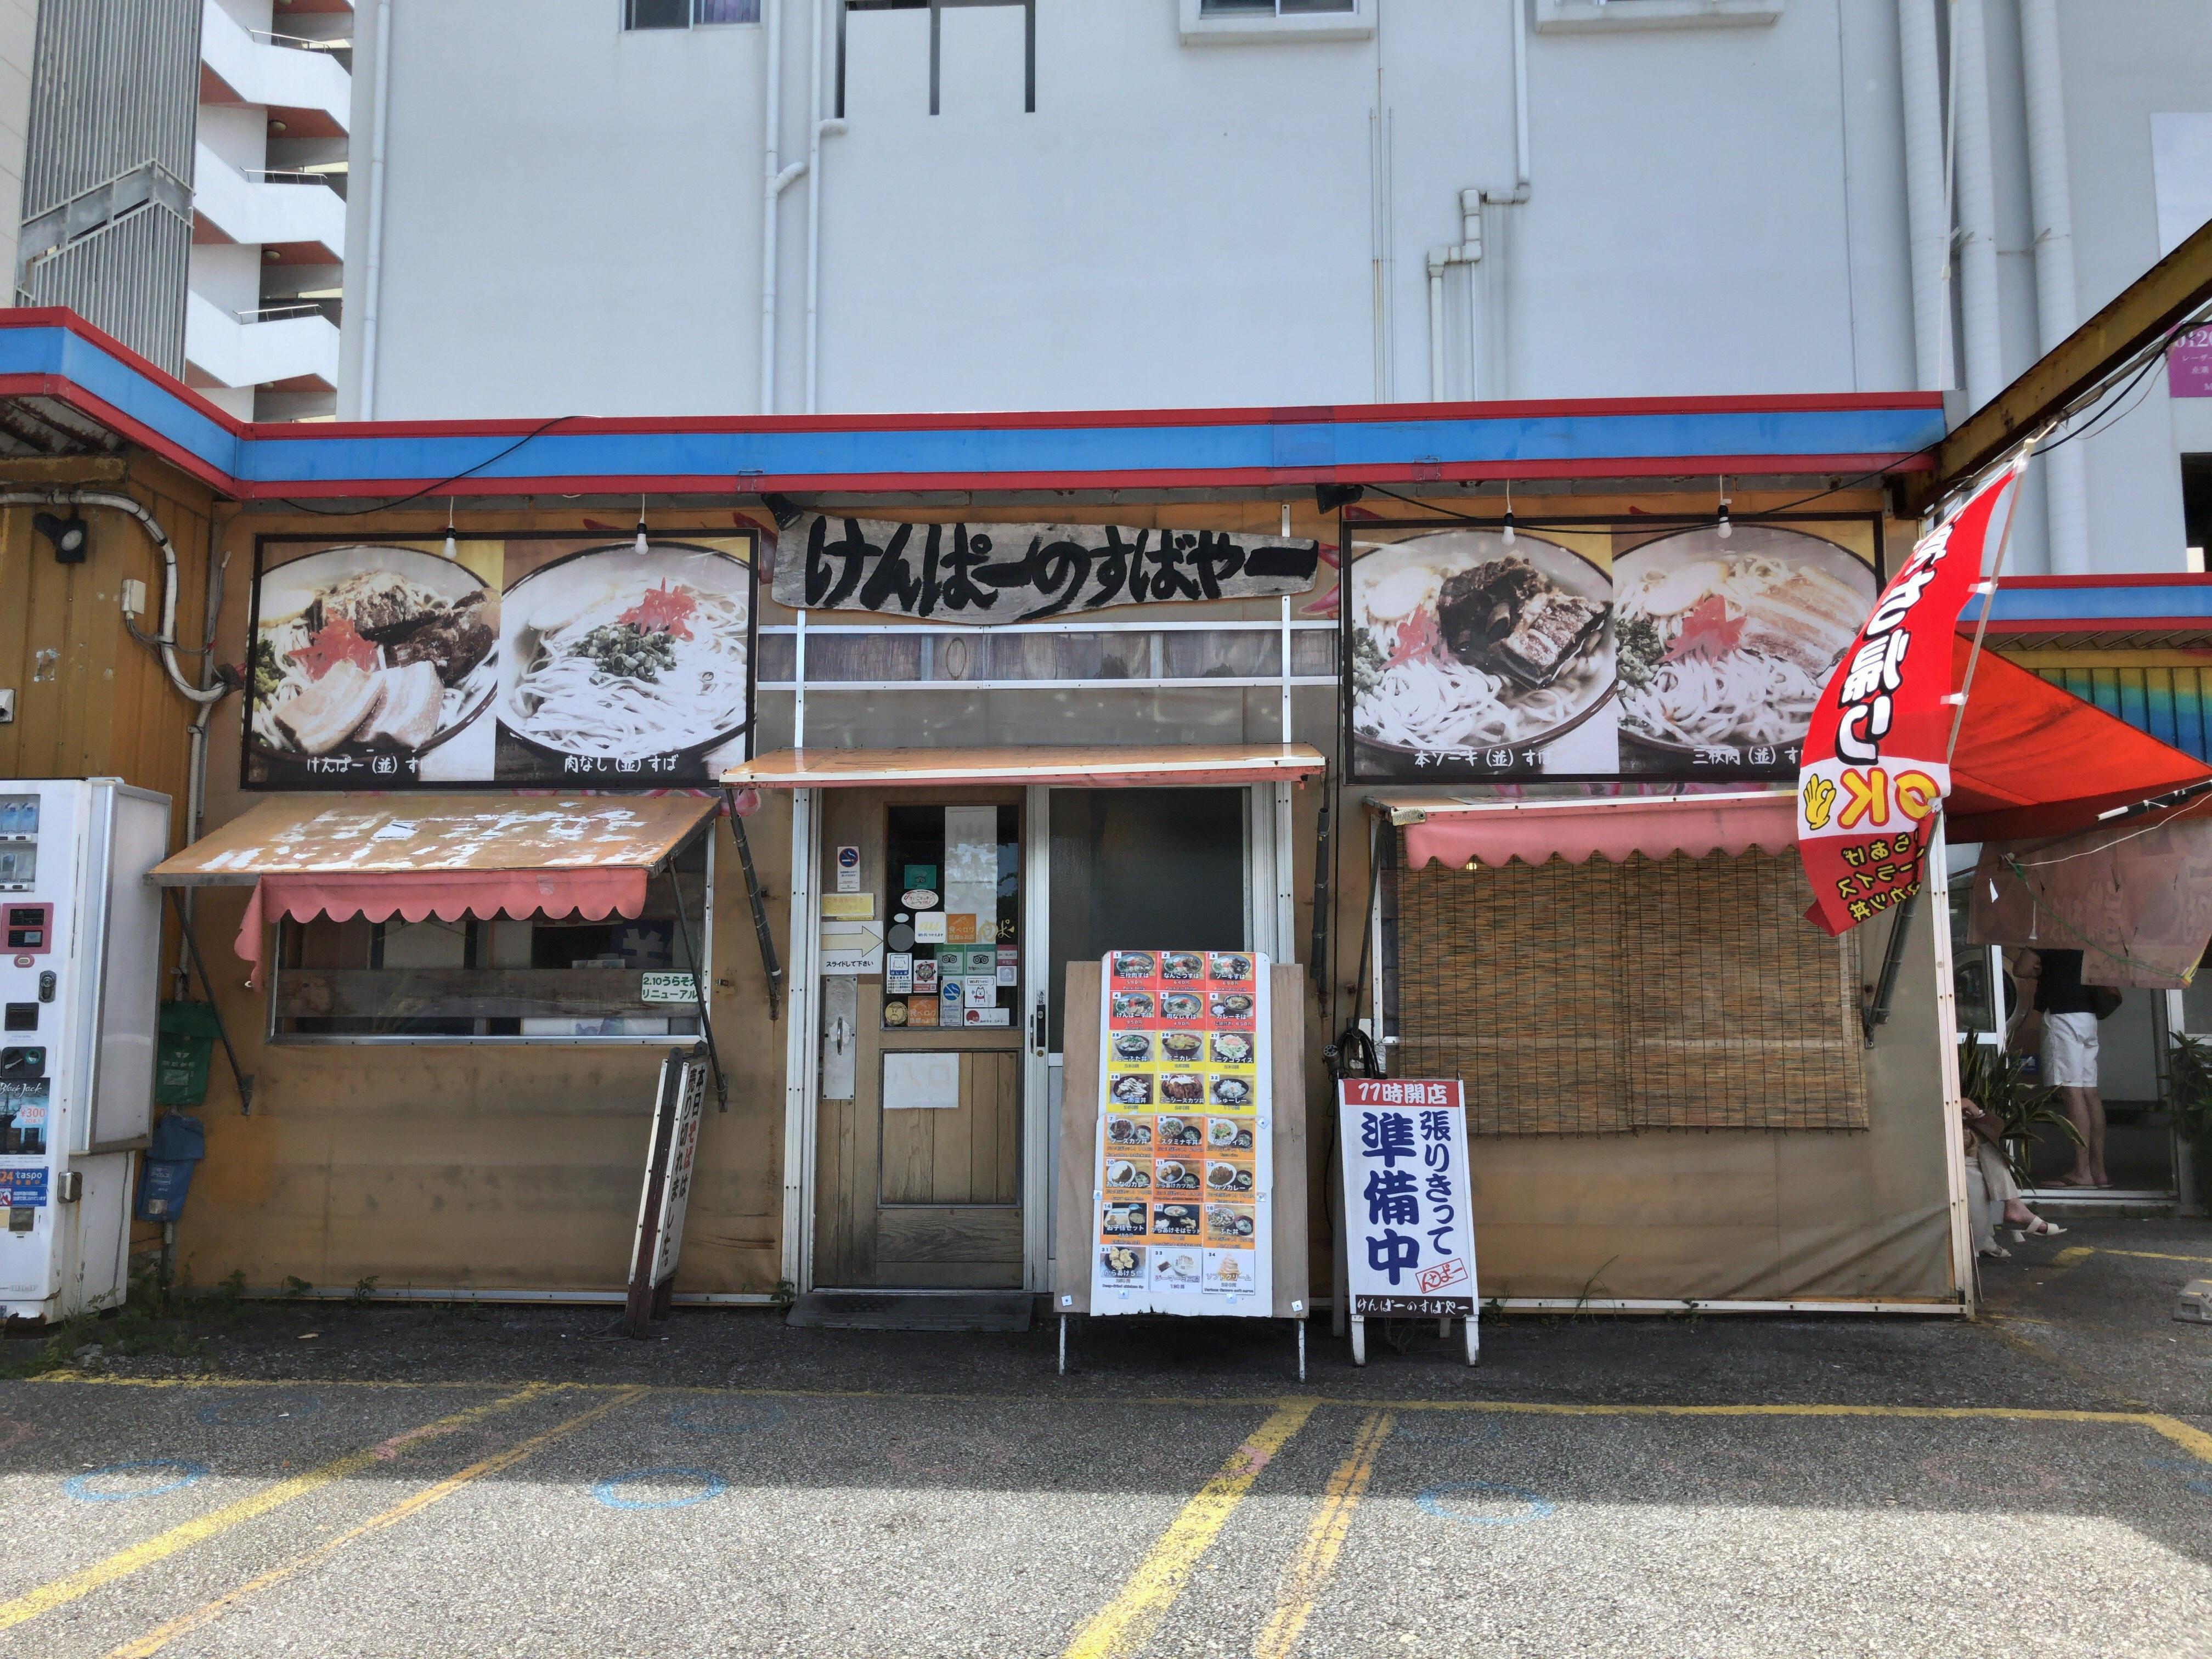 那覇市おもろまち『けんぱーのすばやー』あっさりスープで食べやすい沖縄そば